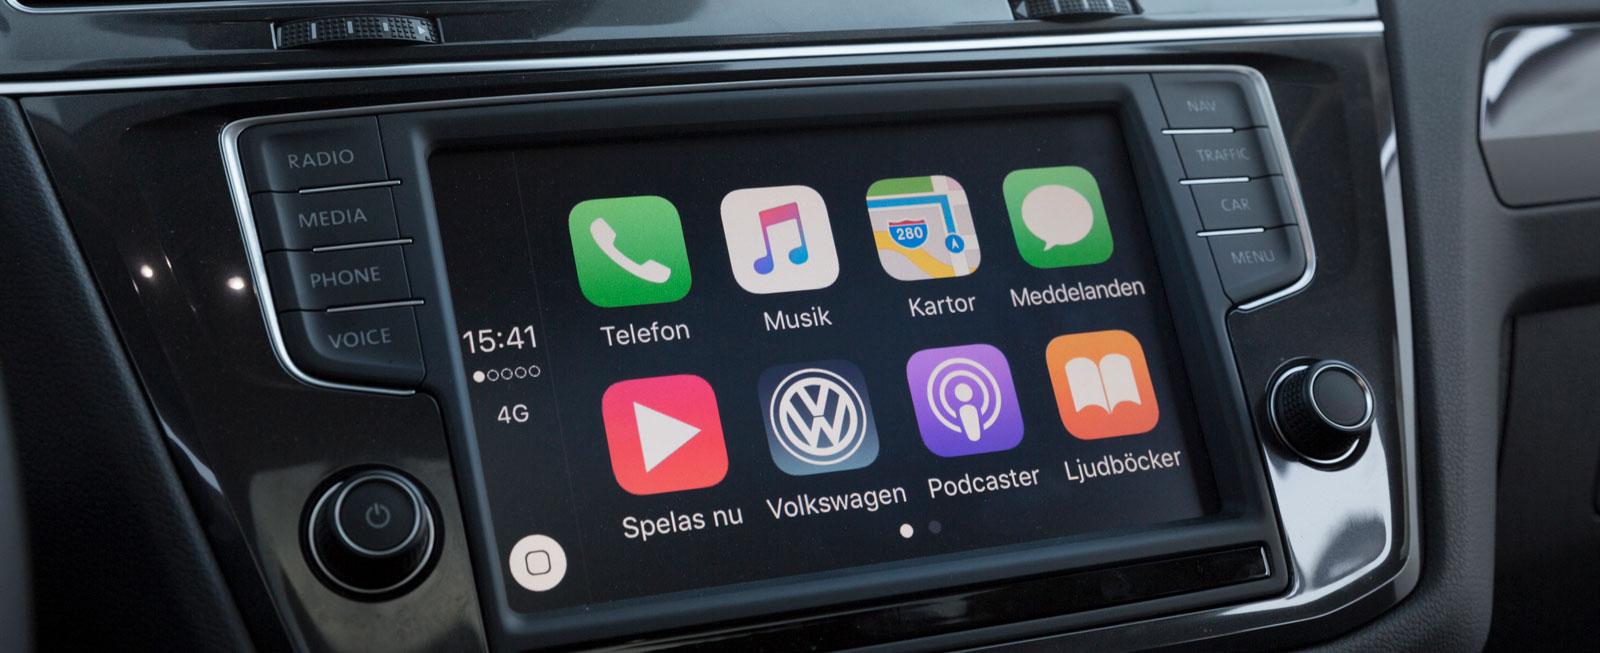 Tiguan har navigation via mobiltelefon (Apple Car Play). Vår GT var extrautrustad med bland annat Discover Pro. Karta och vägledning i instrumenteringen är bra!